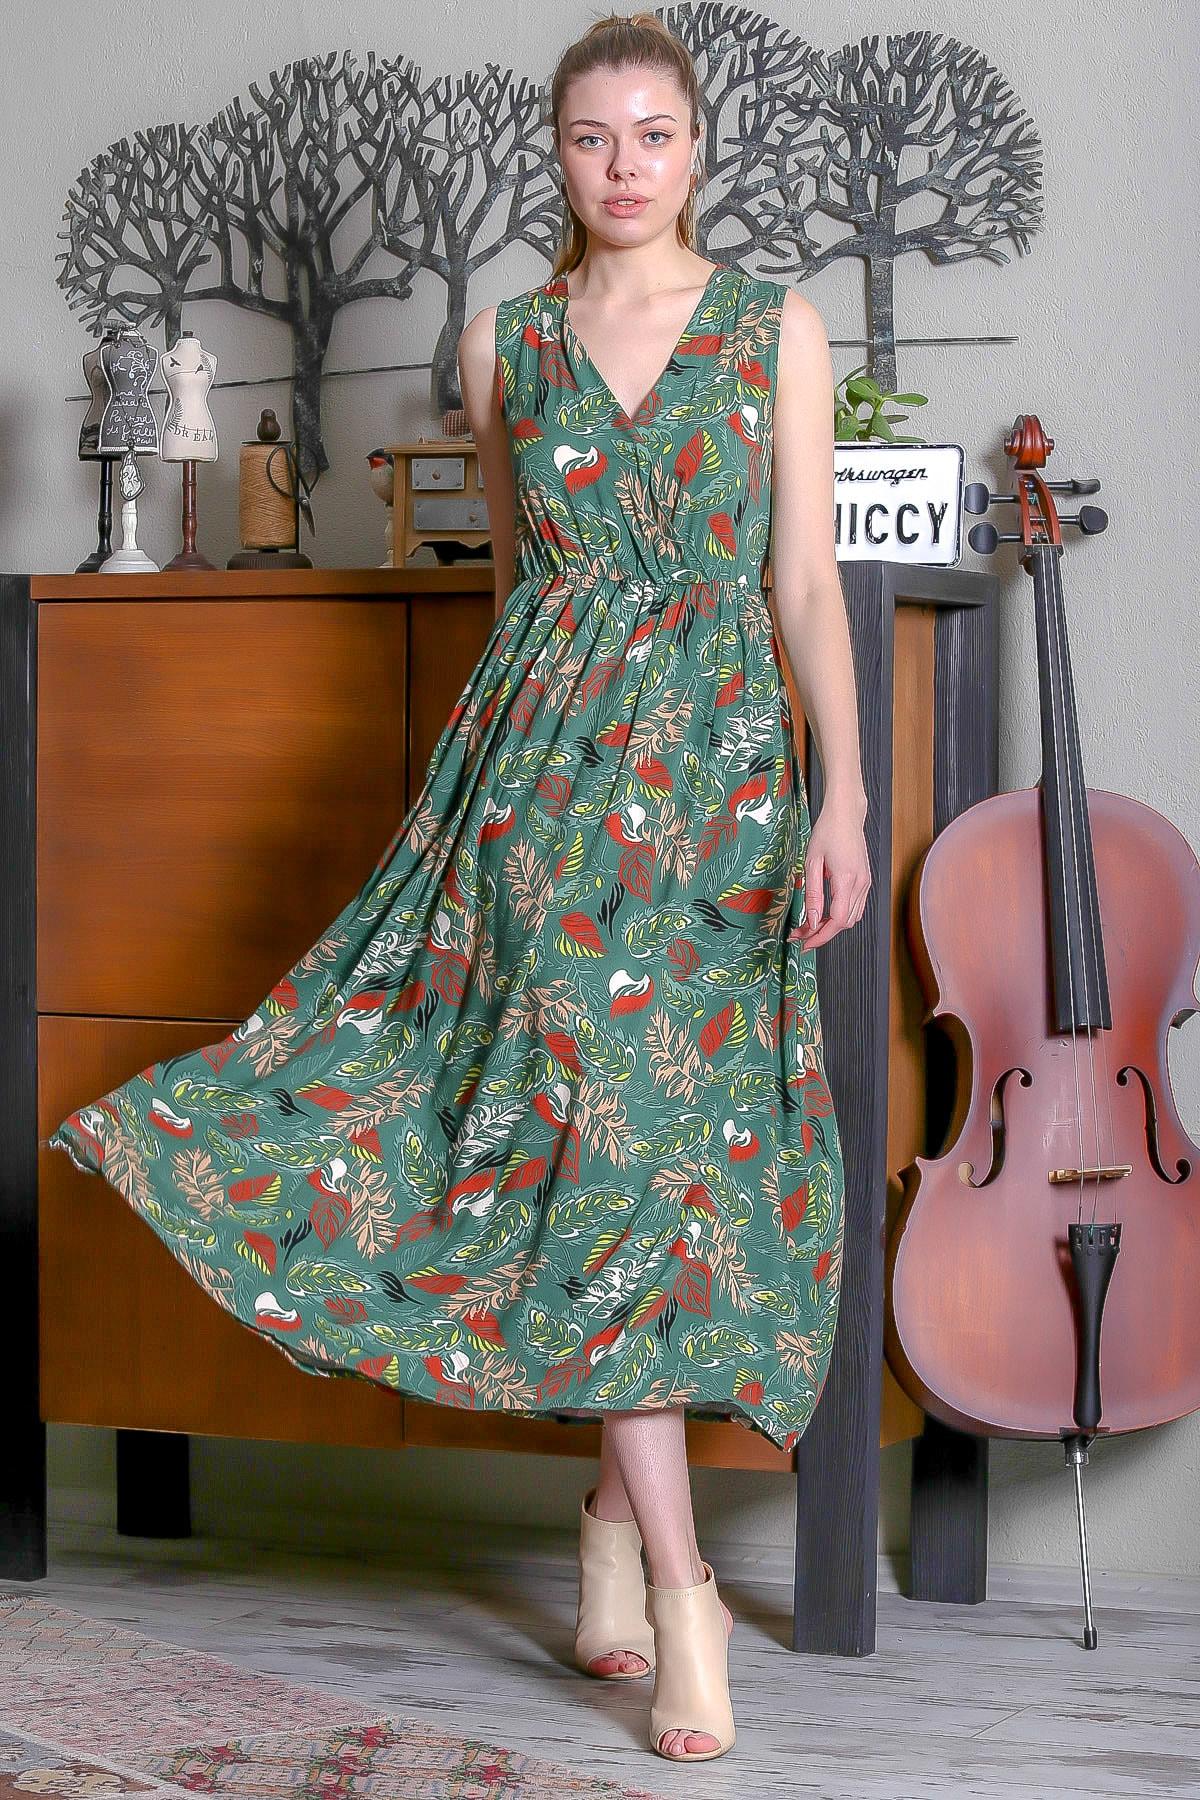 Chiccy Kadın Yeşil Kruvaze Yaprak Desenli Beli Lastikli Uzun Dokuma Elbise M10160000EL95350